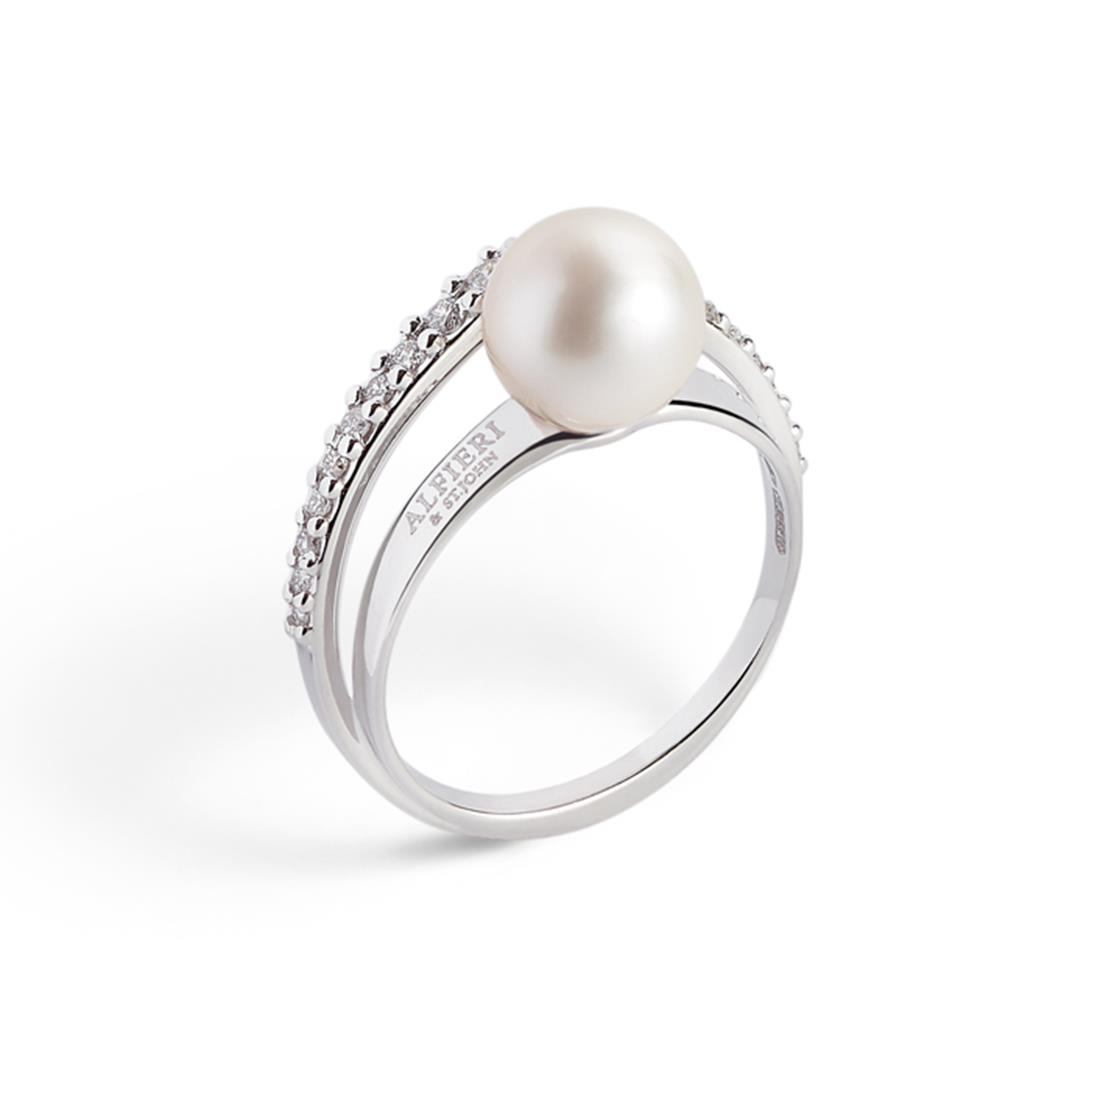 Anello con perla akoya e diamanti - ALFIERI & ST. JOHN